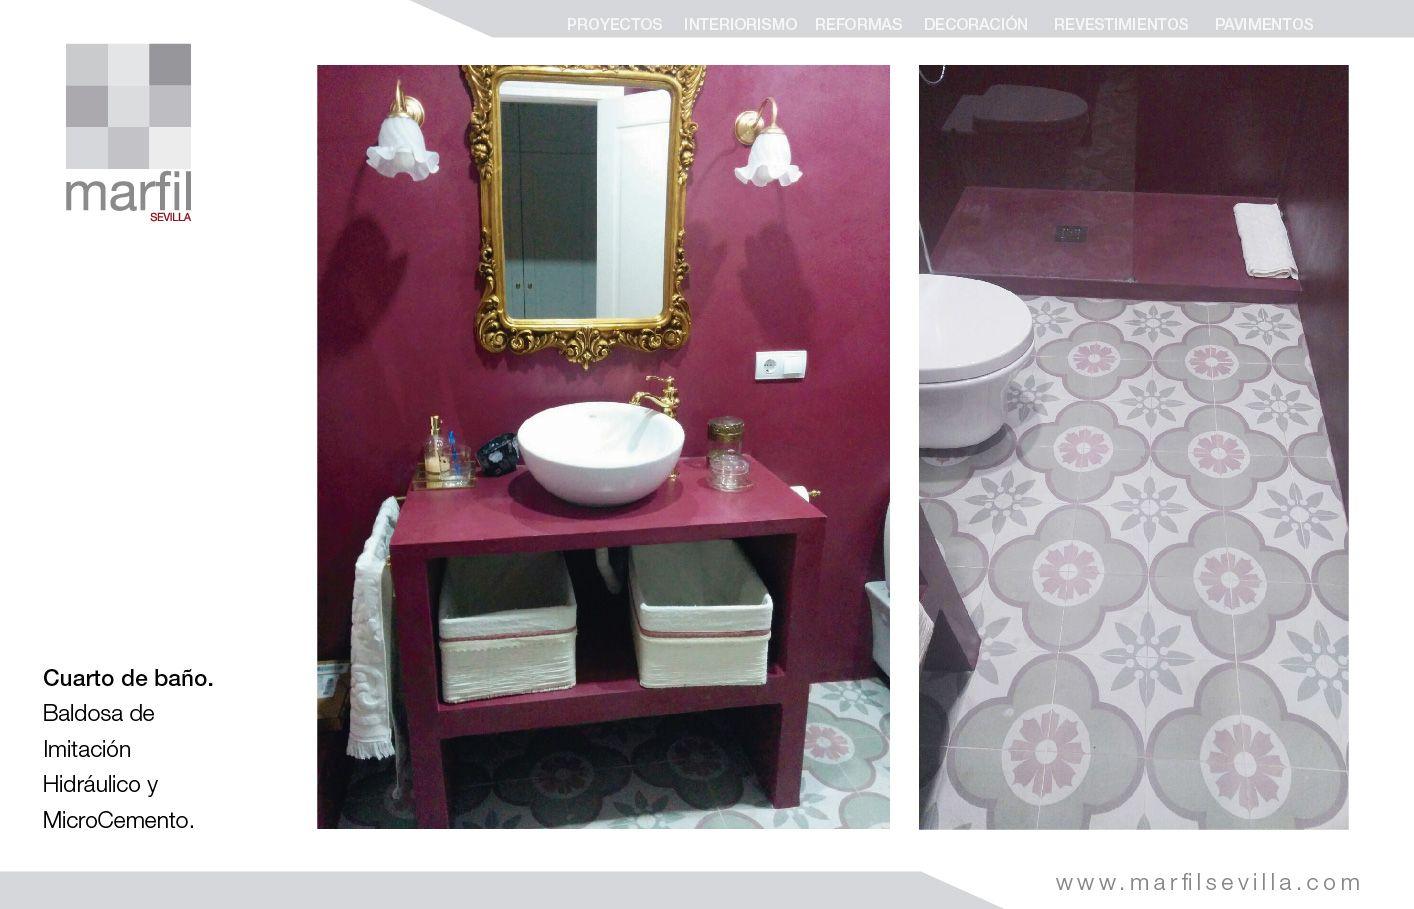 Cuarto de baño   Cuarto de baño, Baños, Proyectos